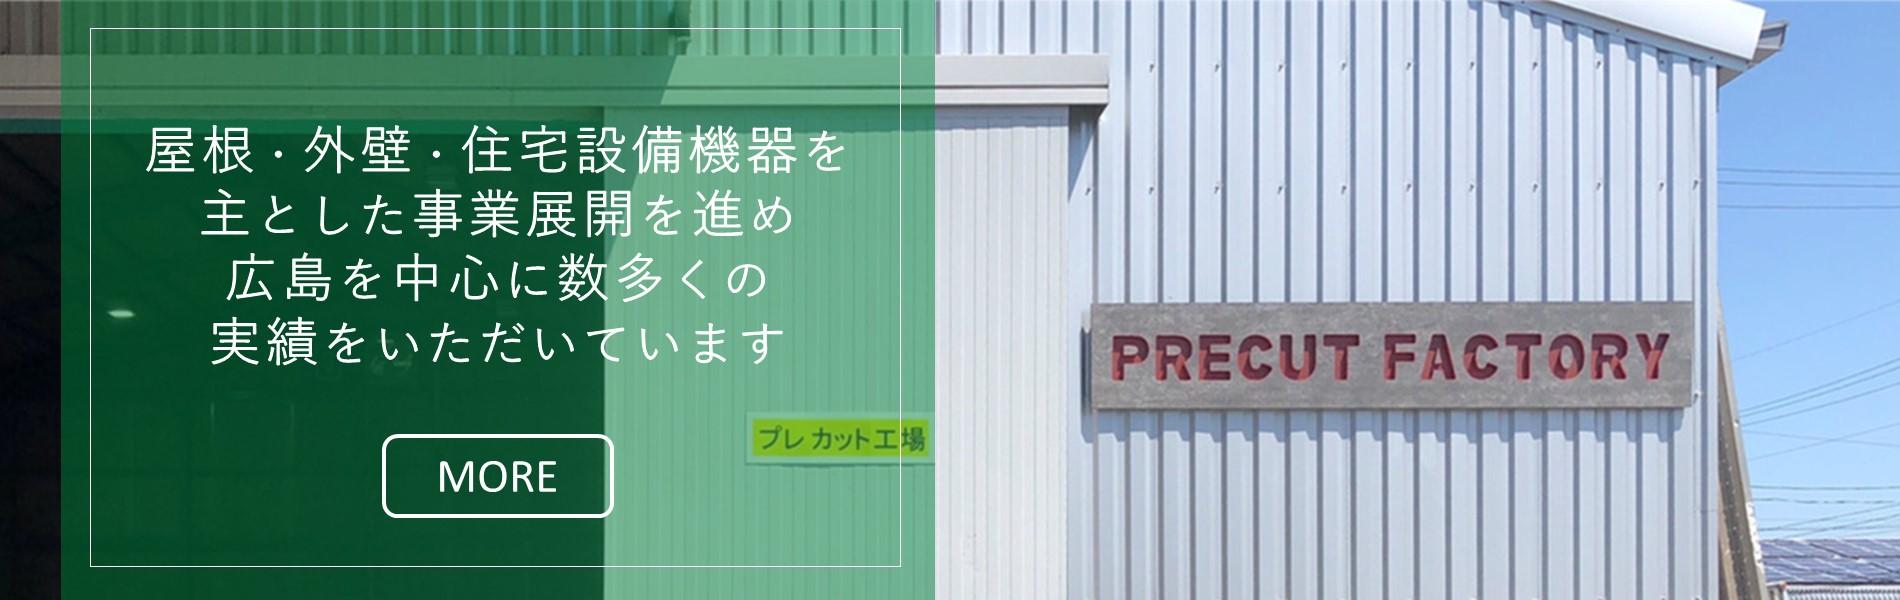 ランドハウスは広島県、山口県、岡山県で事業展開しております